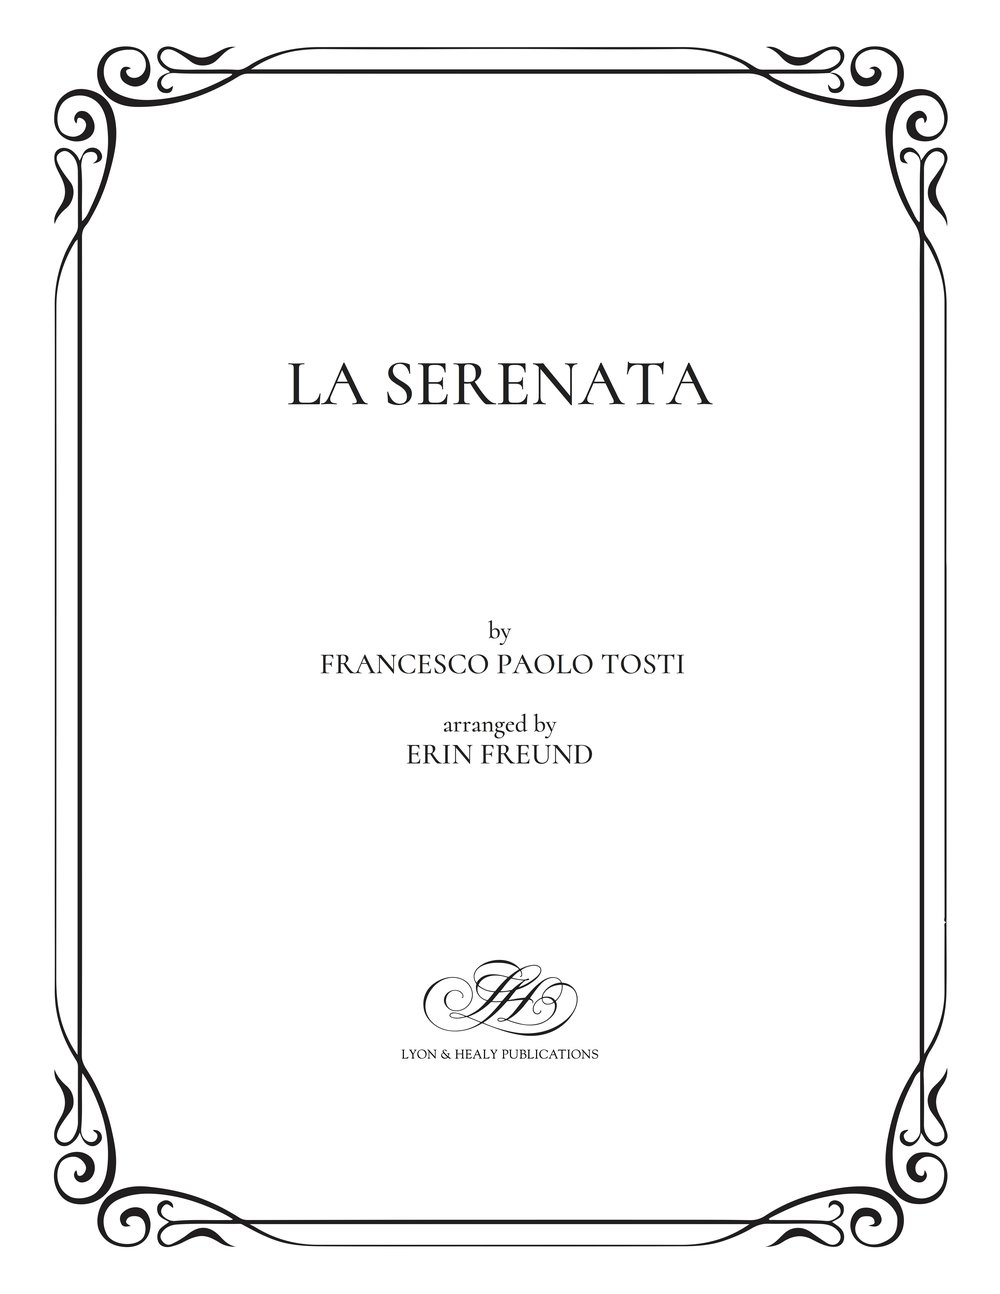 La Serenata - Tosti-Freund cover.jpg